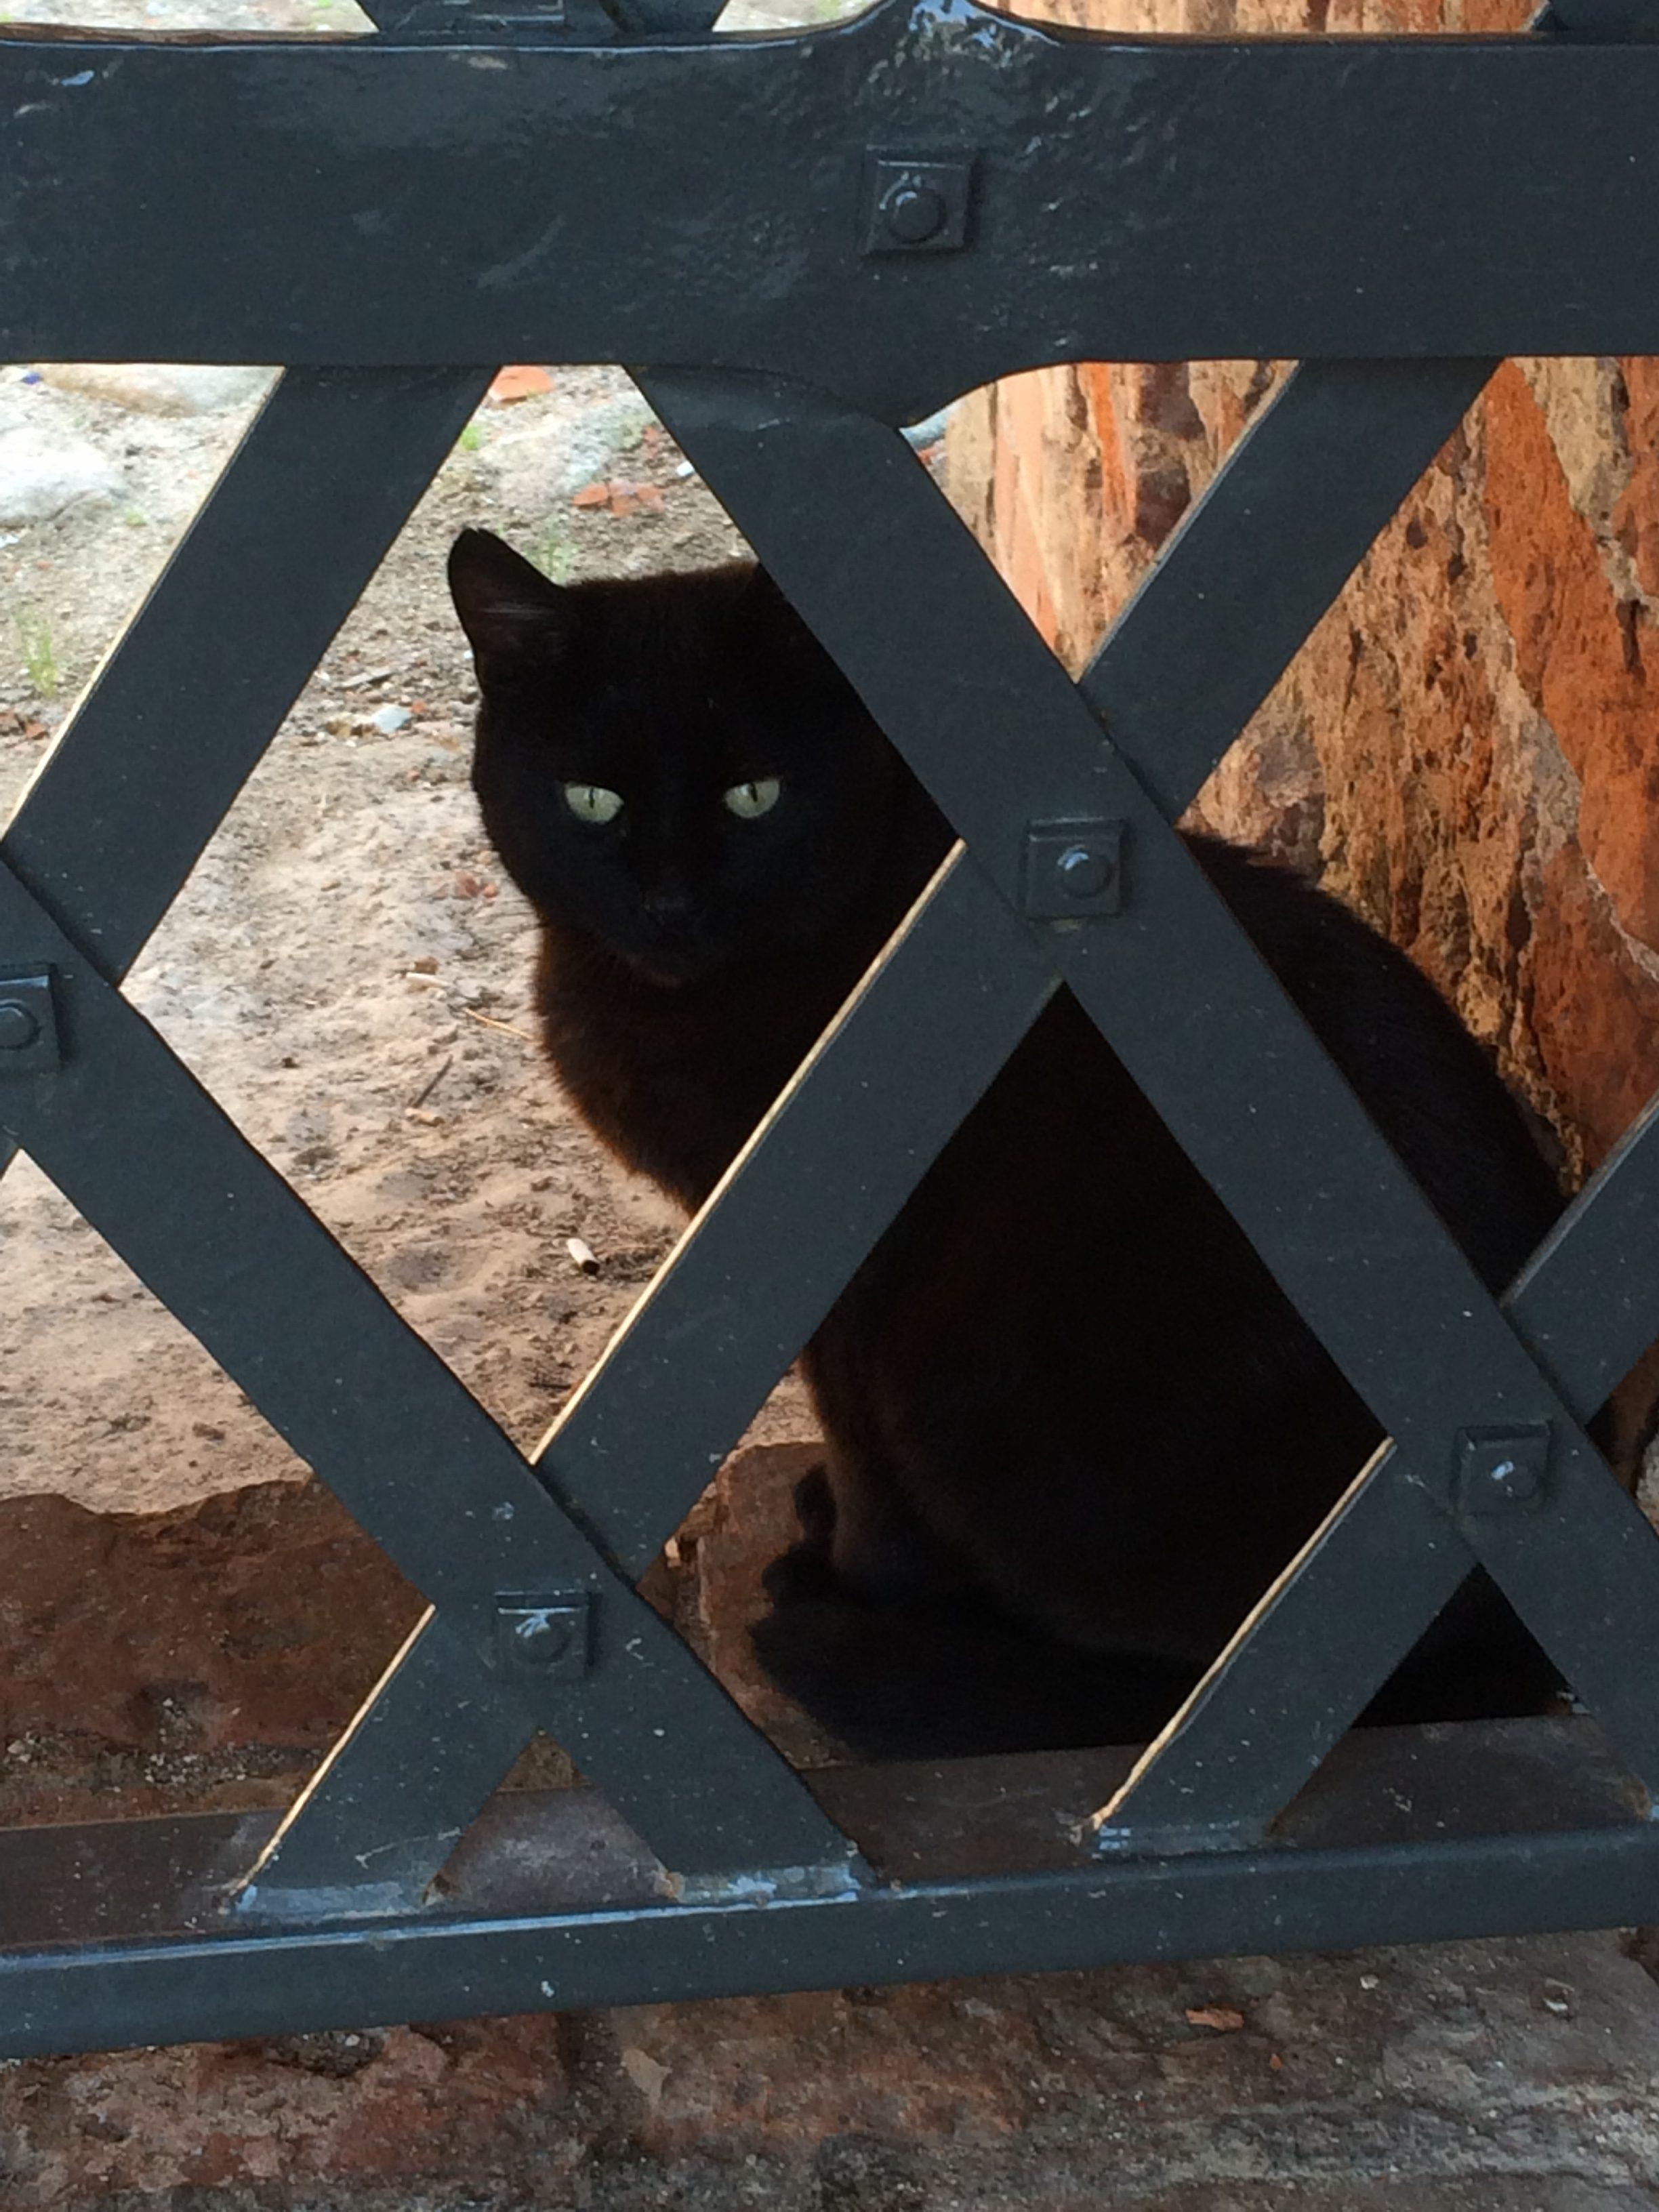 ゲティミナス城にいた黒猫